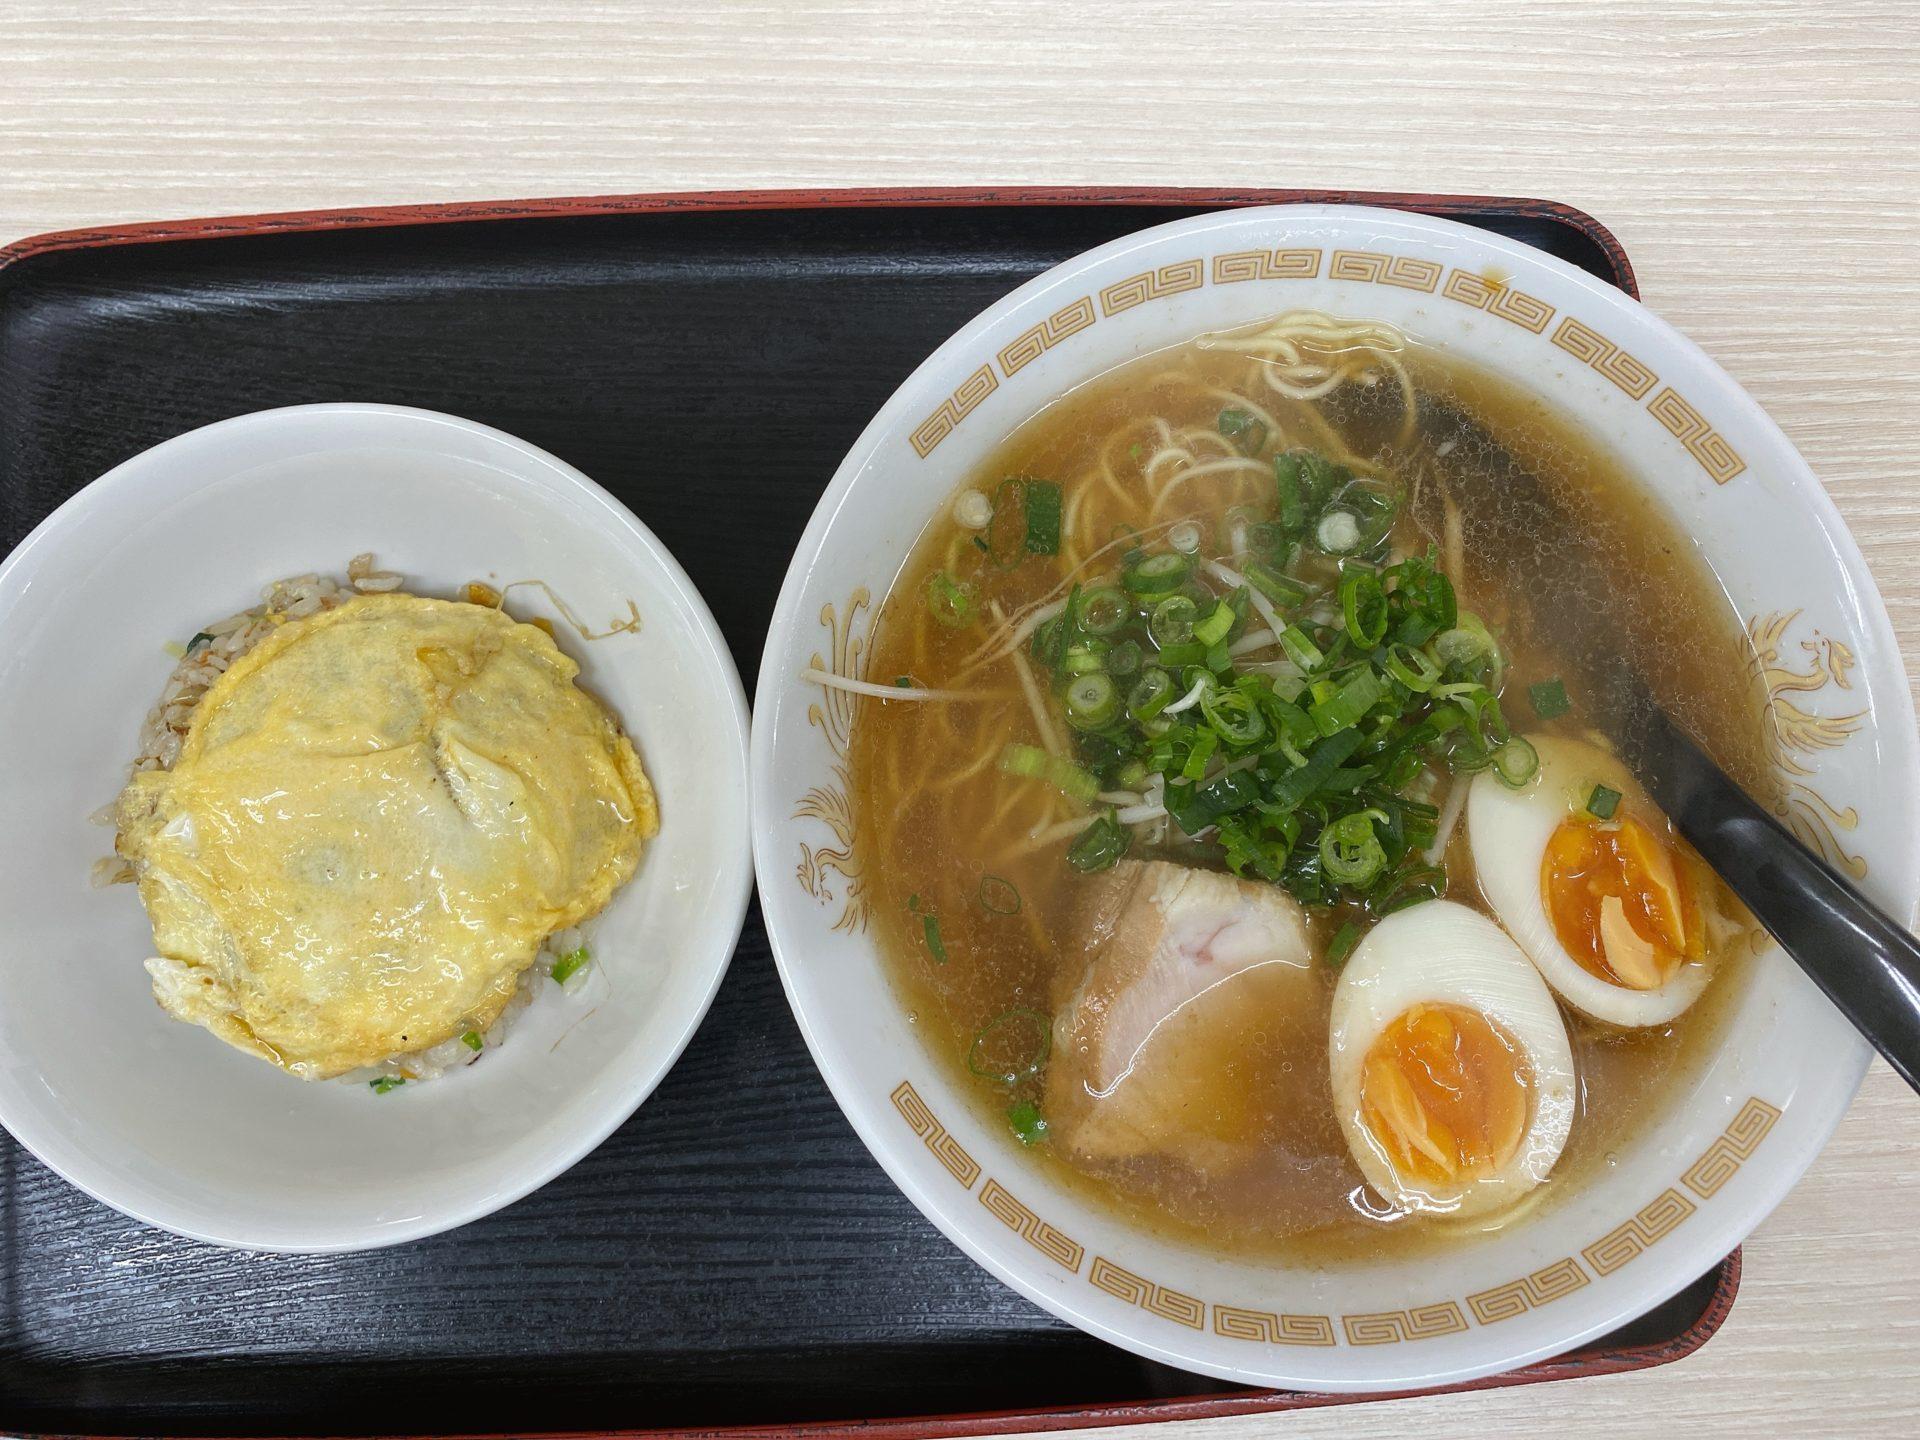 高島駅から車で5分 とん亭ラーメンはアゴ(トビ魚)ベースのあっさりスープ ランチはミニチャーハンが付いて680円でコスパ良し!